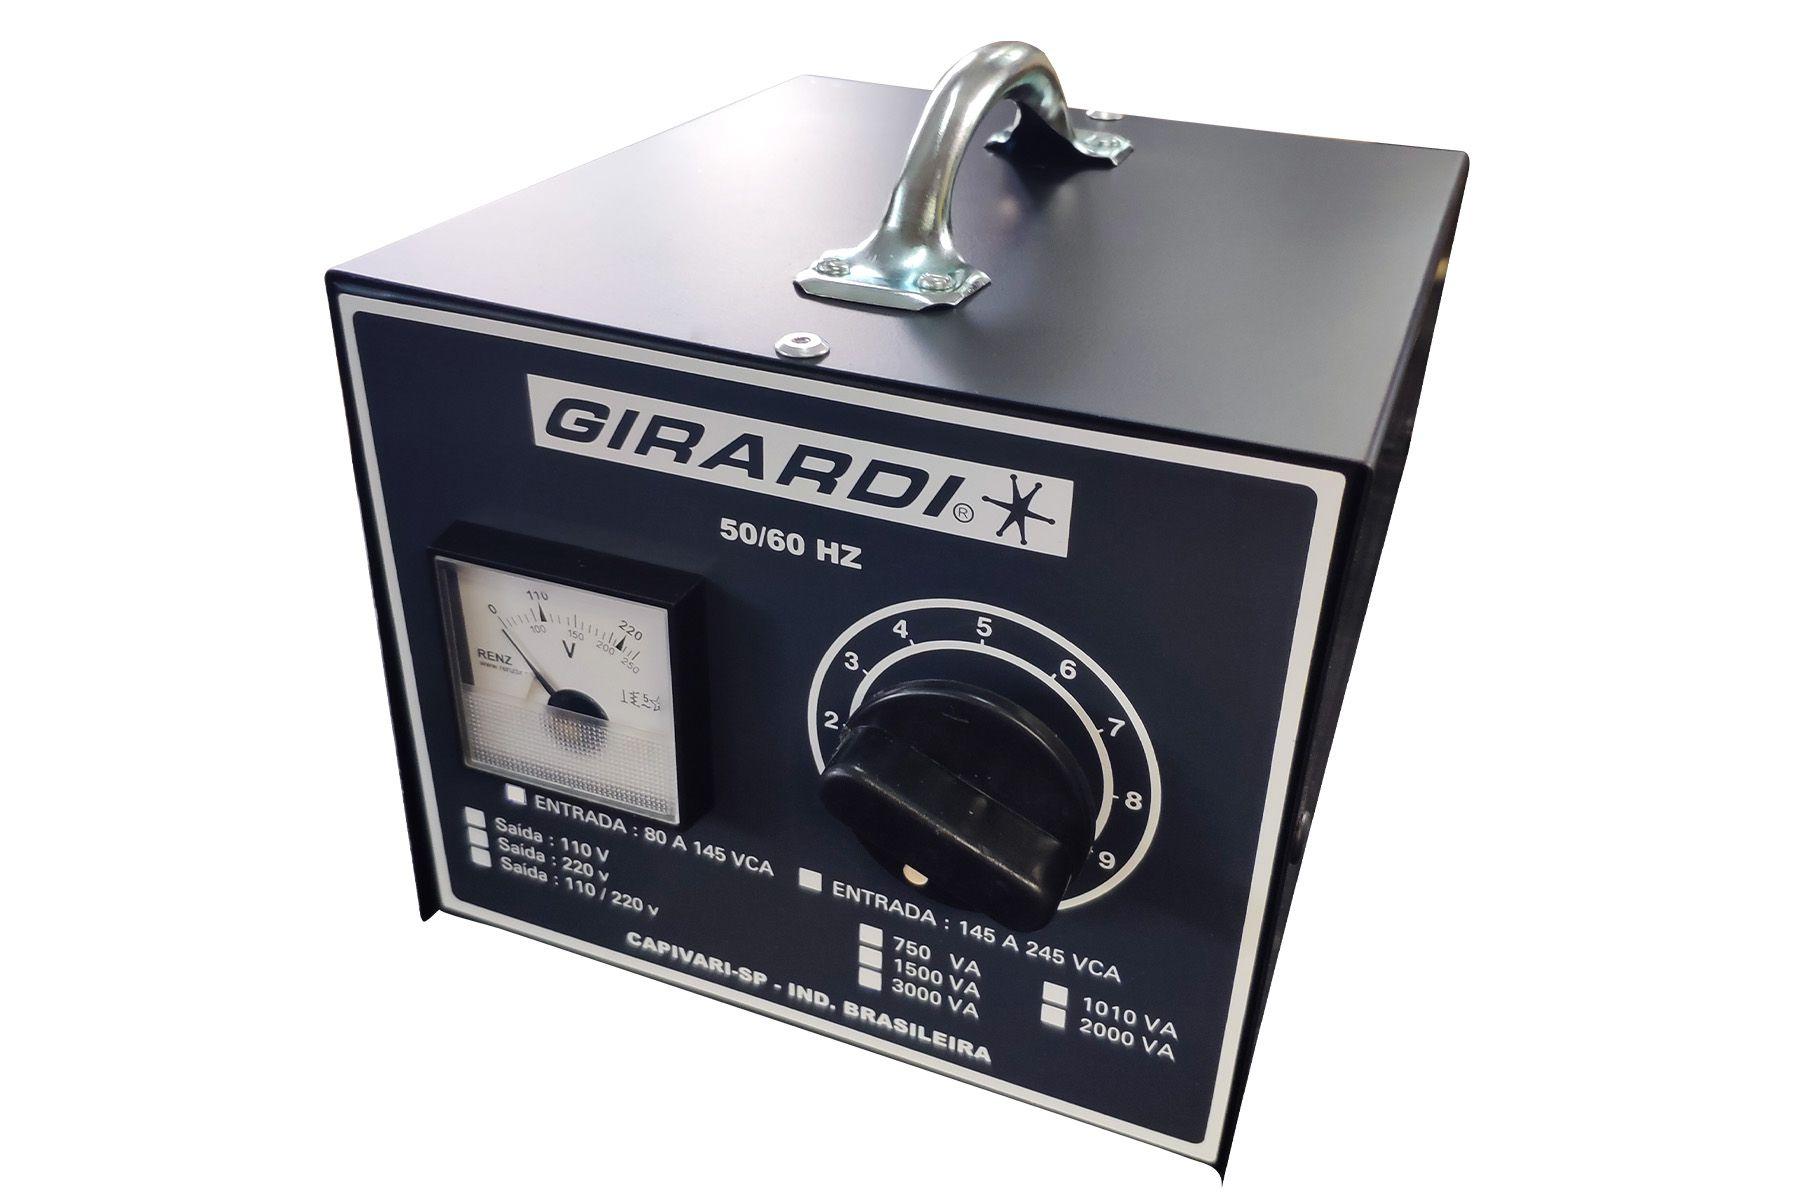 Regulador Manual De Tensão / Voltagem Girardi 1010 VA Entrada 110V Saída Bivolt